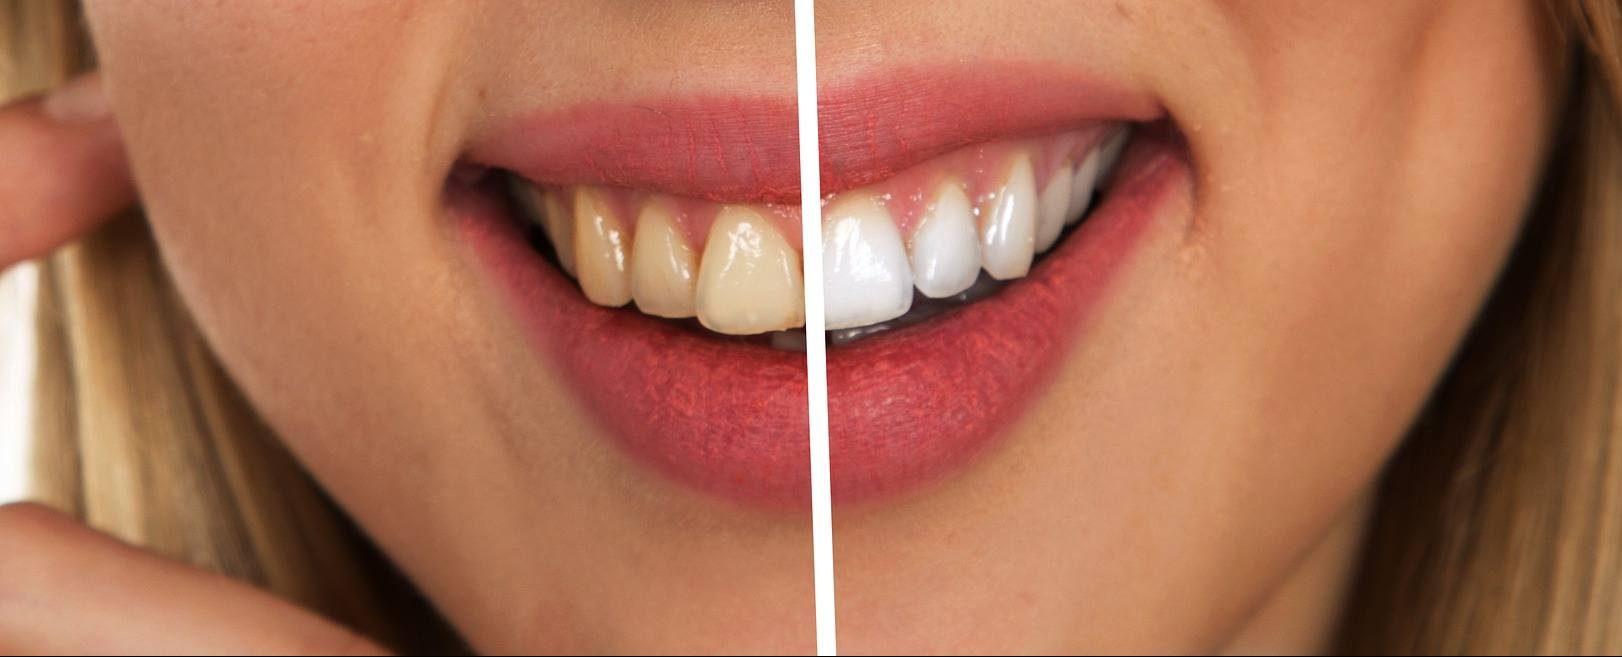 Veneers Teeth Whitening Female Model